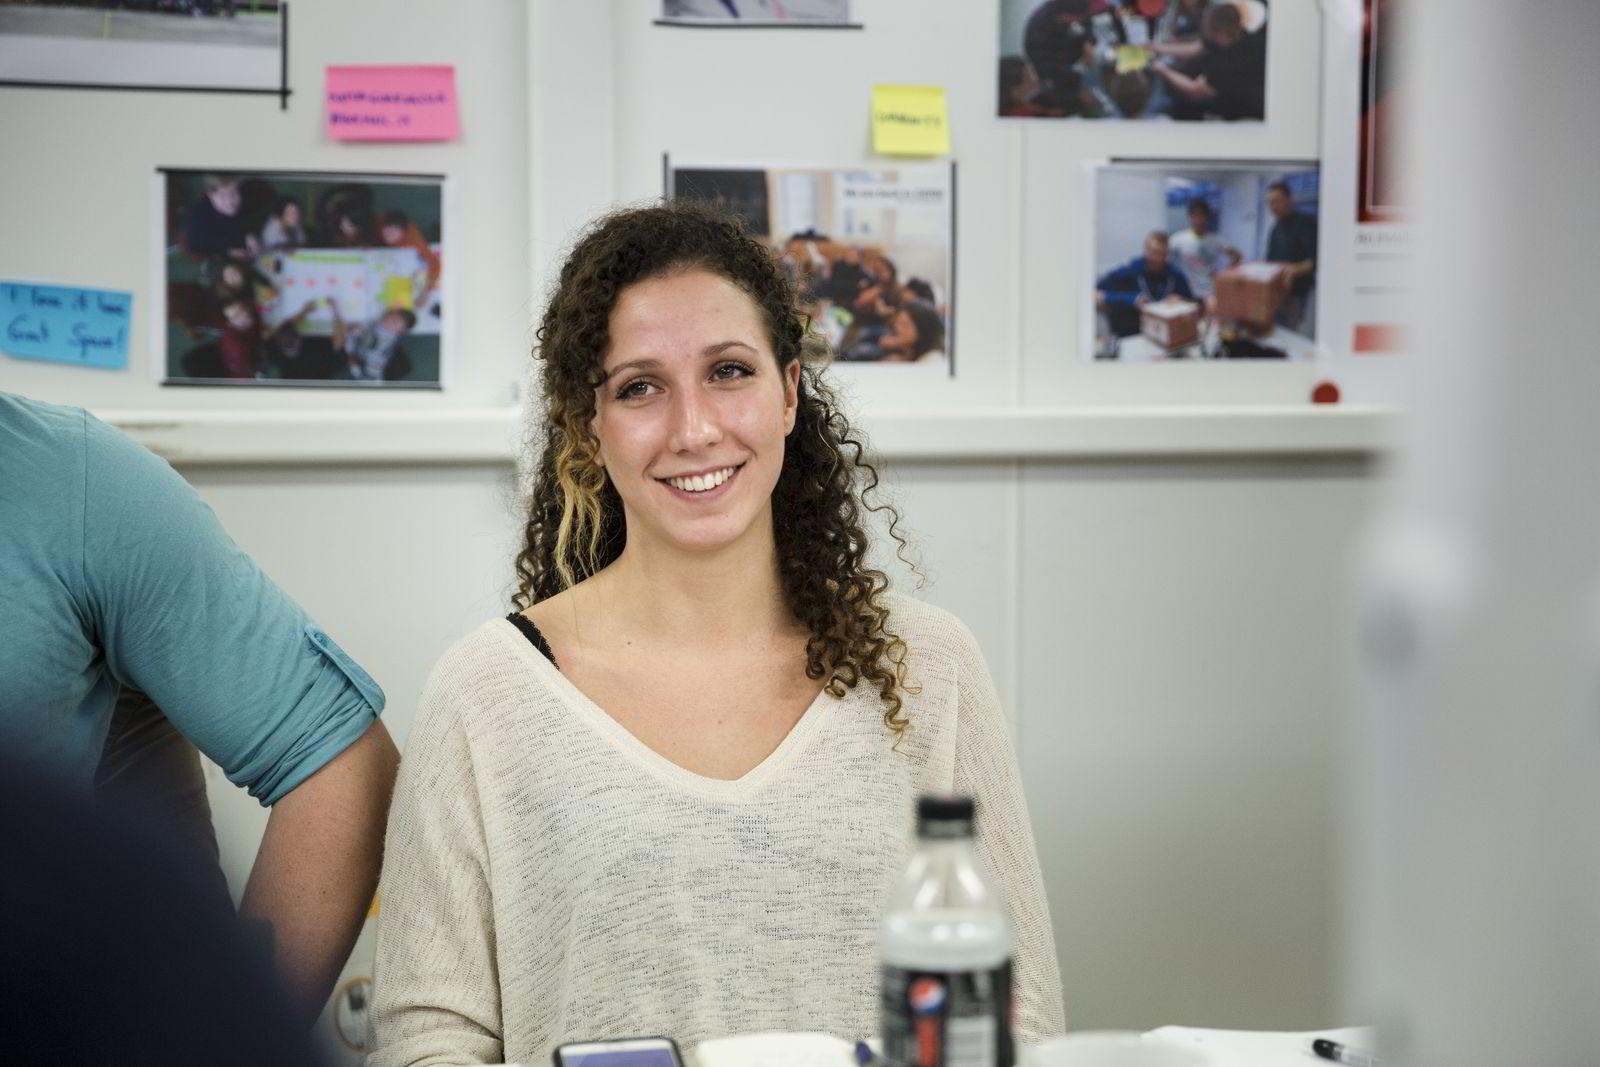 – Forelesere og foredragsholdere oppfordrer oss til å ikke velge apper, sier Marina Santos Haugen (22), som er student på Entreprenørskolen på NTNU. Foto: Per Thrana